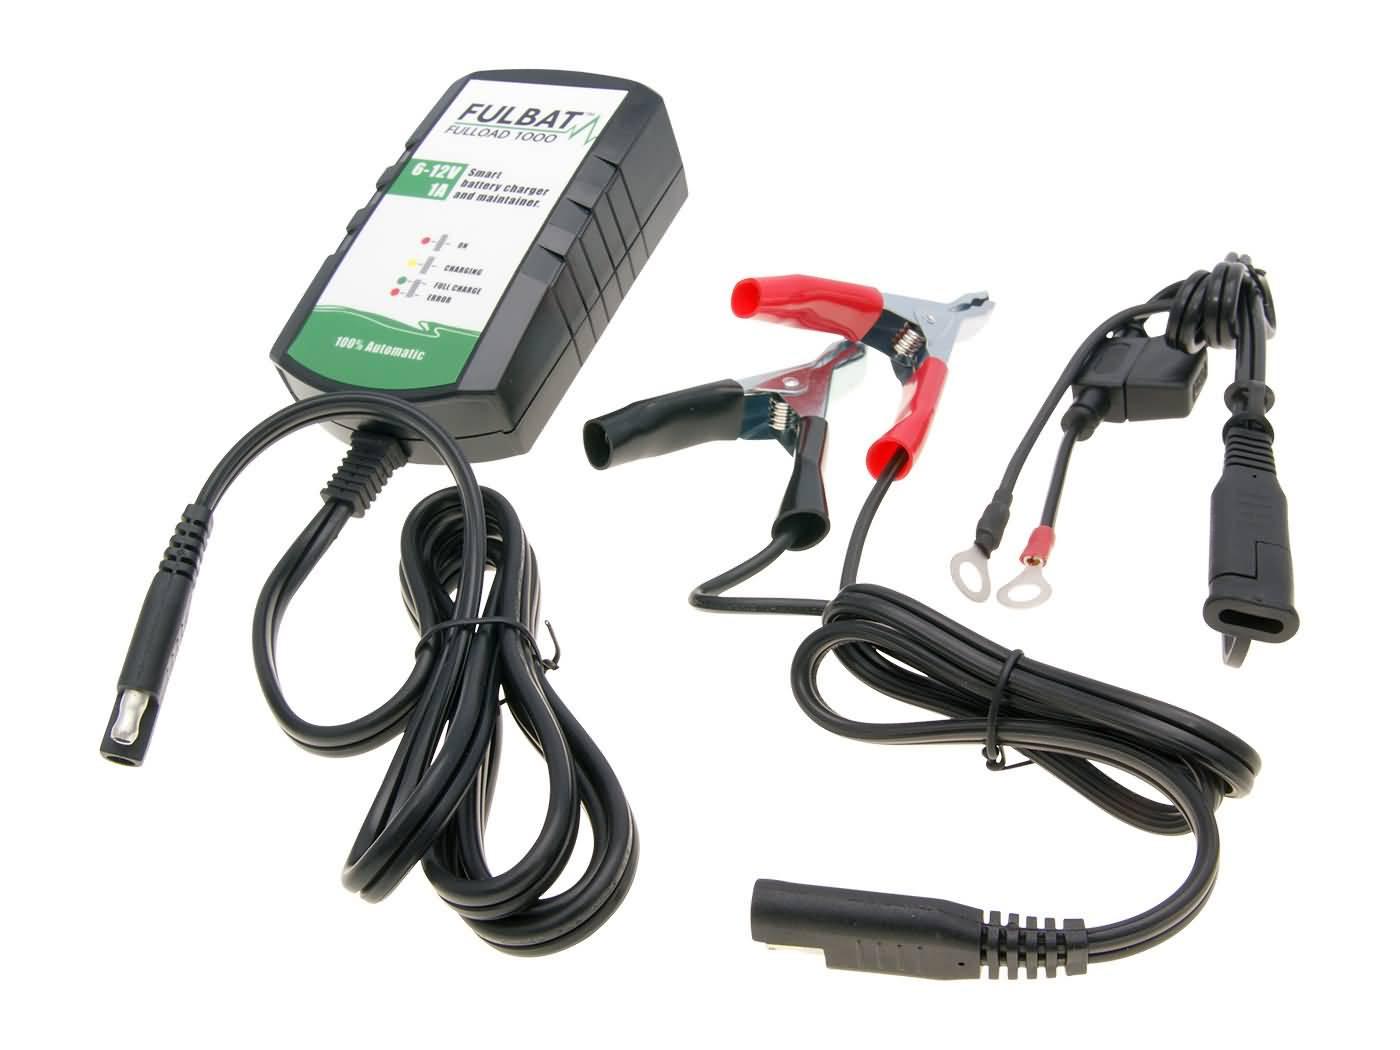 Fulbat Fulload FL1000 akkumulátortöltő - 6V&12V-os ólomsav alapú akkumulátorokhoz 2-40Ah-ig (karbantartás 60Ah-ig)